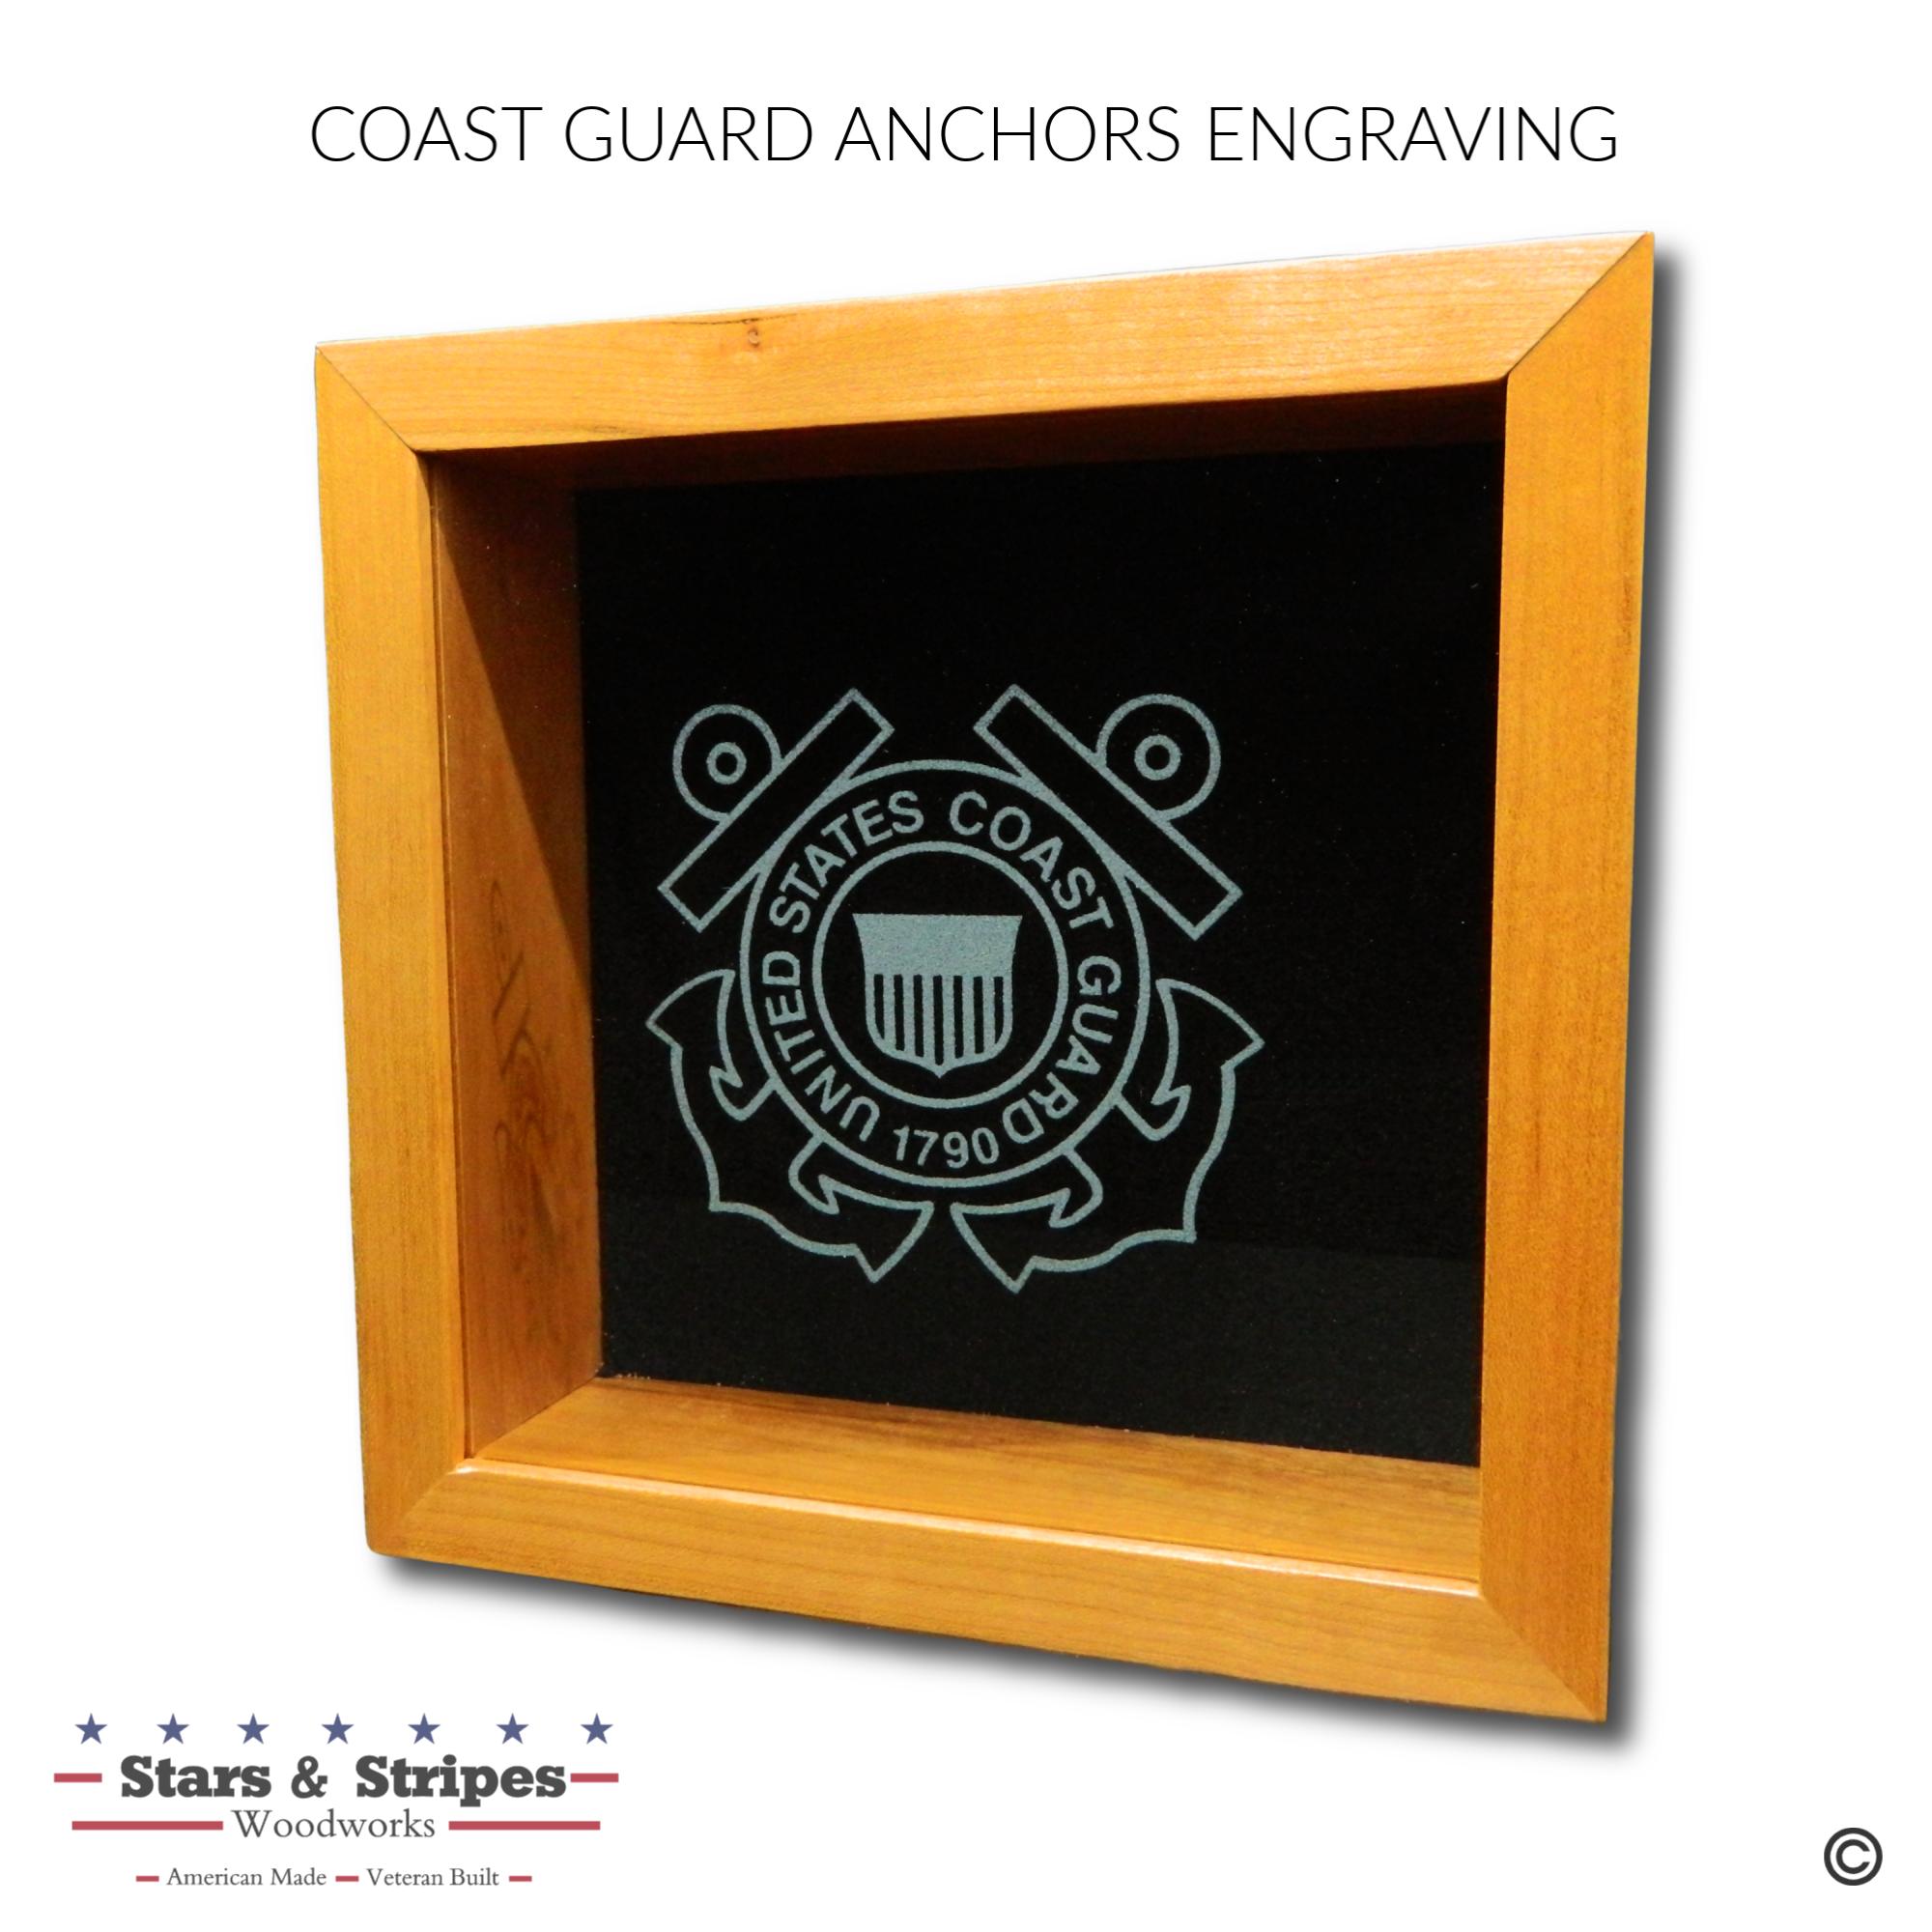 Coast Guard Anchors Glass Engraving Samp